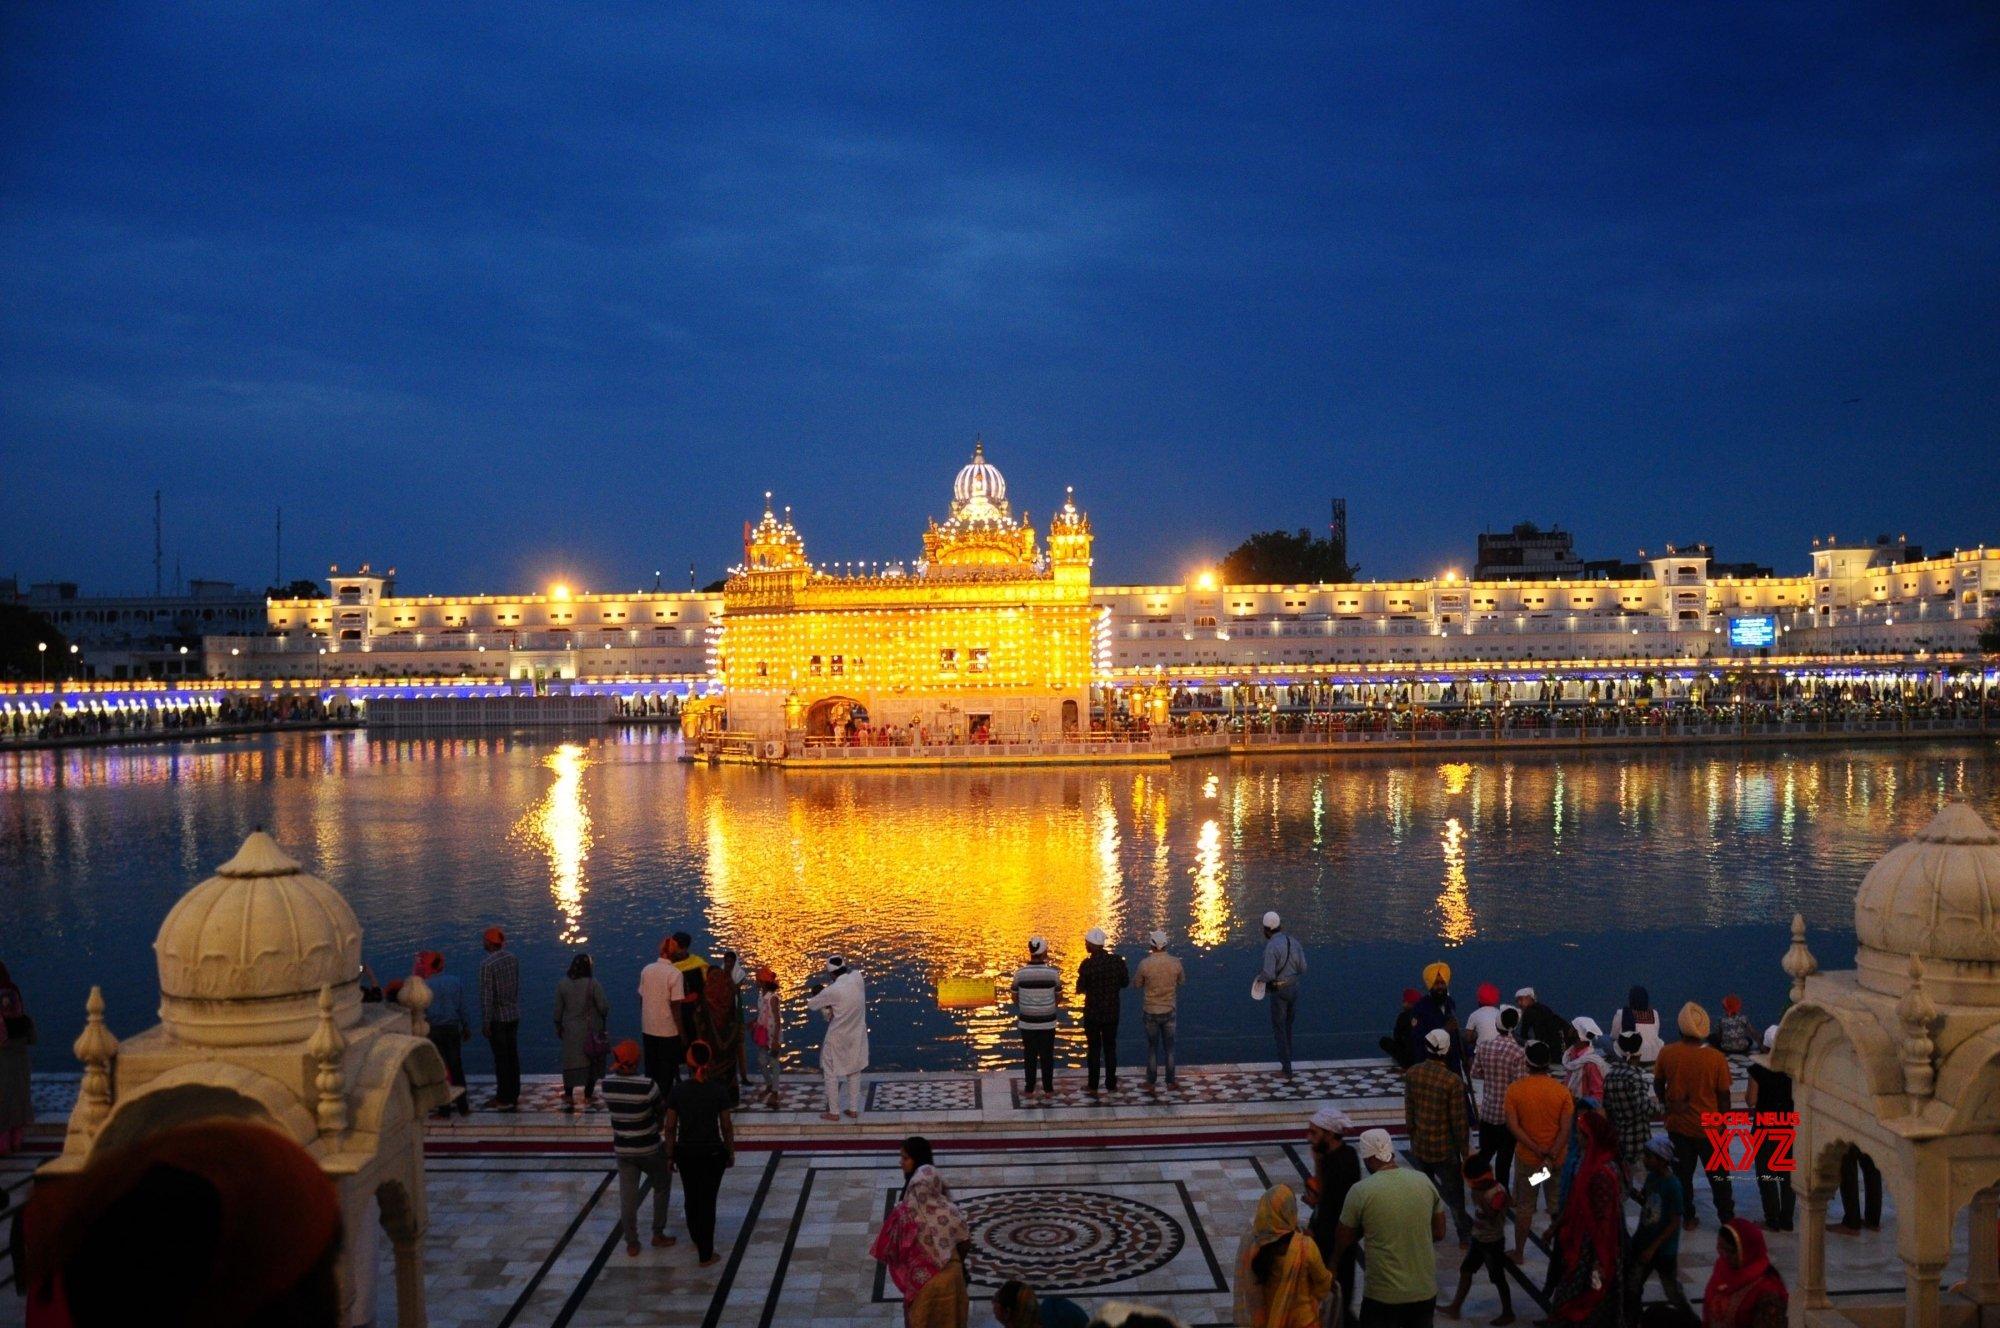 mritsar: Ten Gurus of Sikhism Guru Amar Das Ji's birth anniversary #Gallery